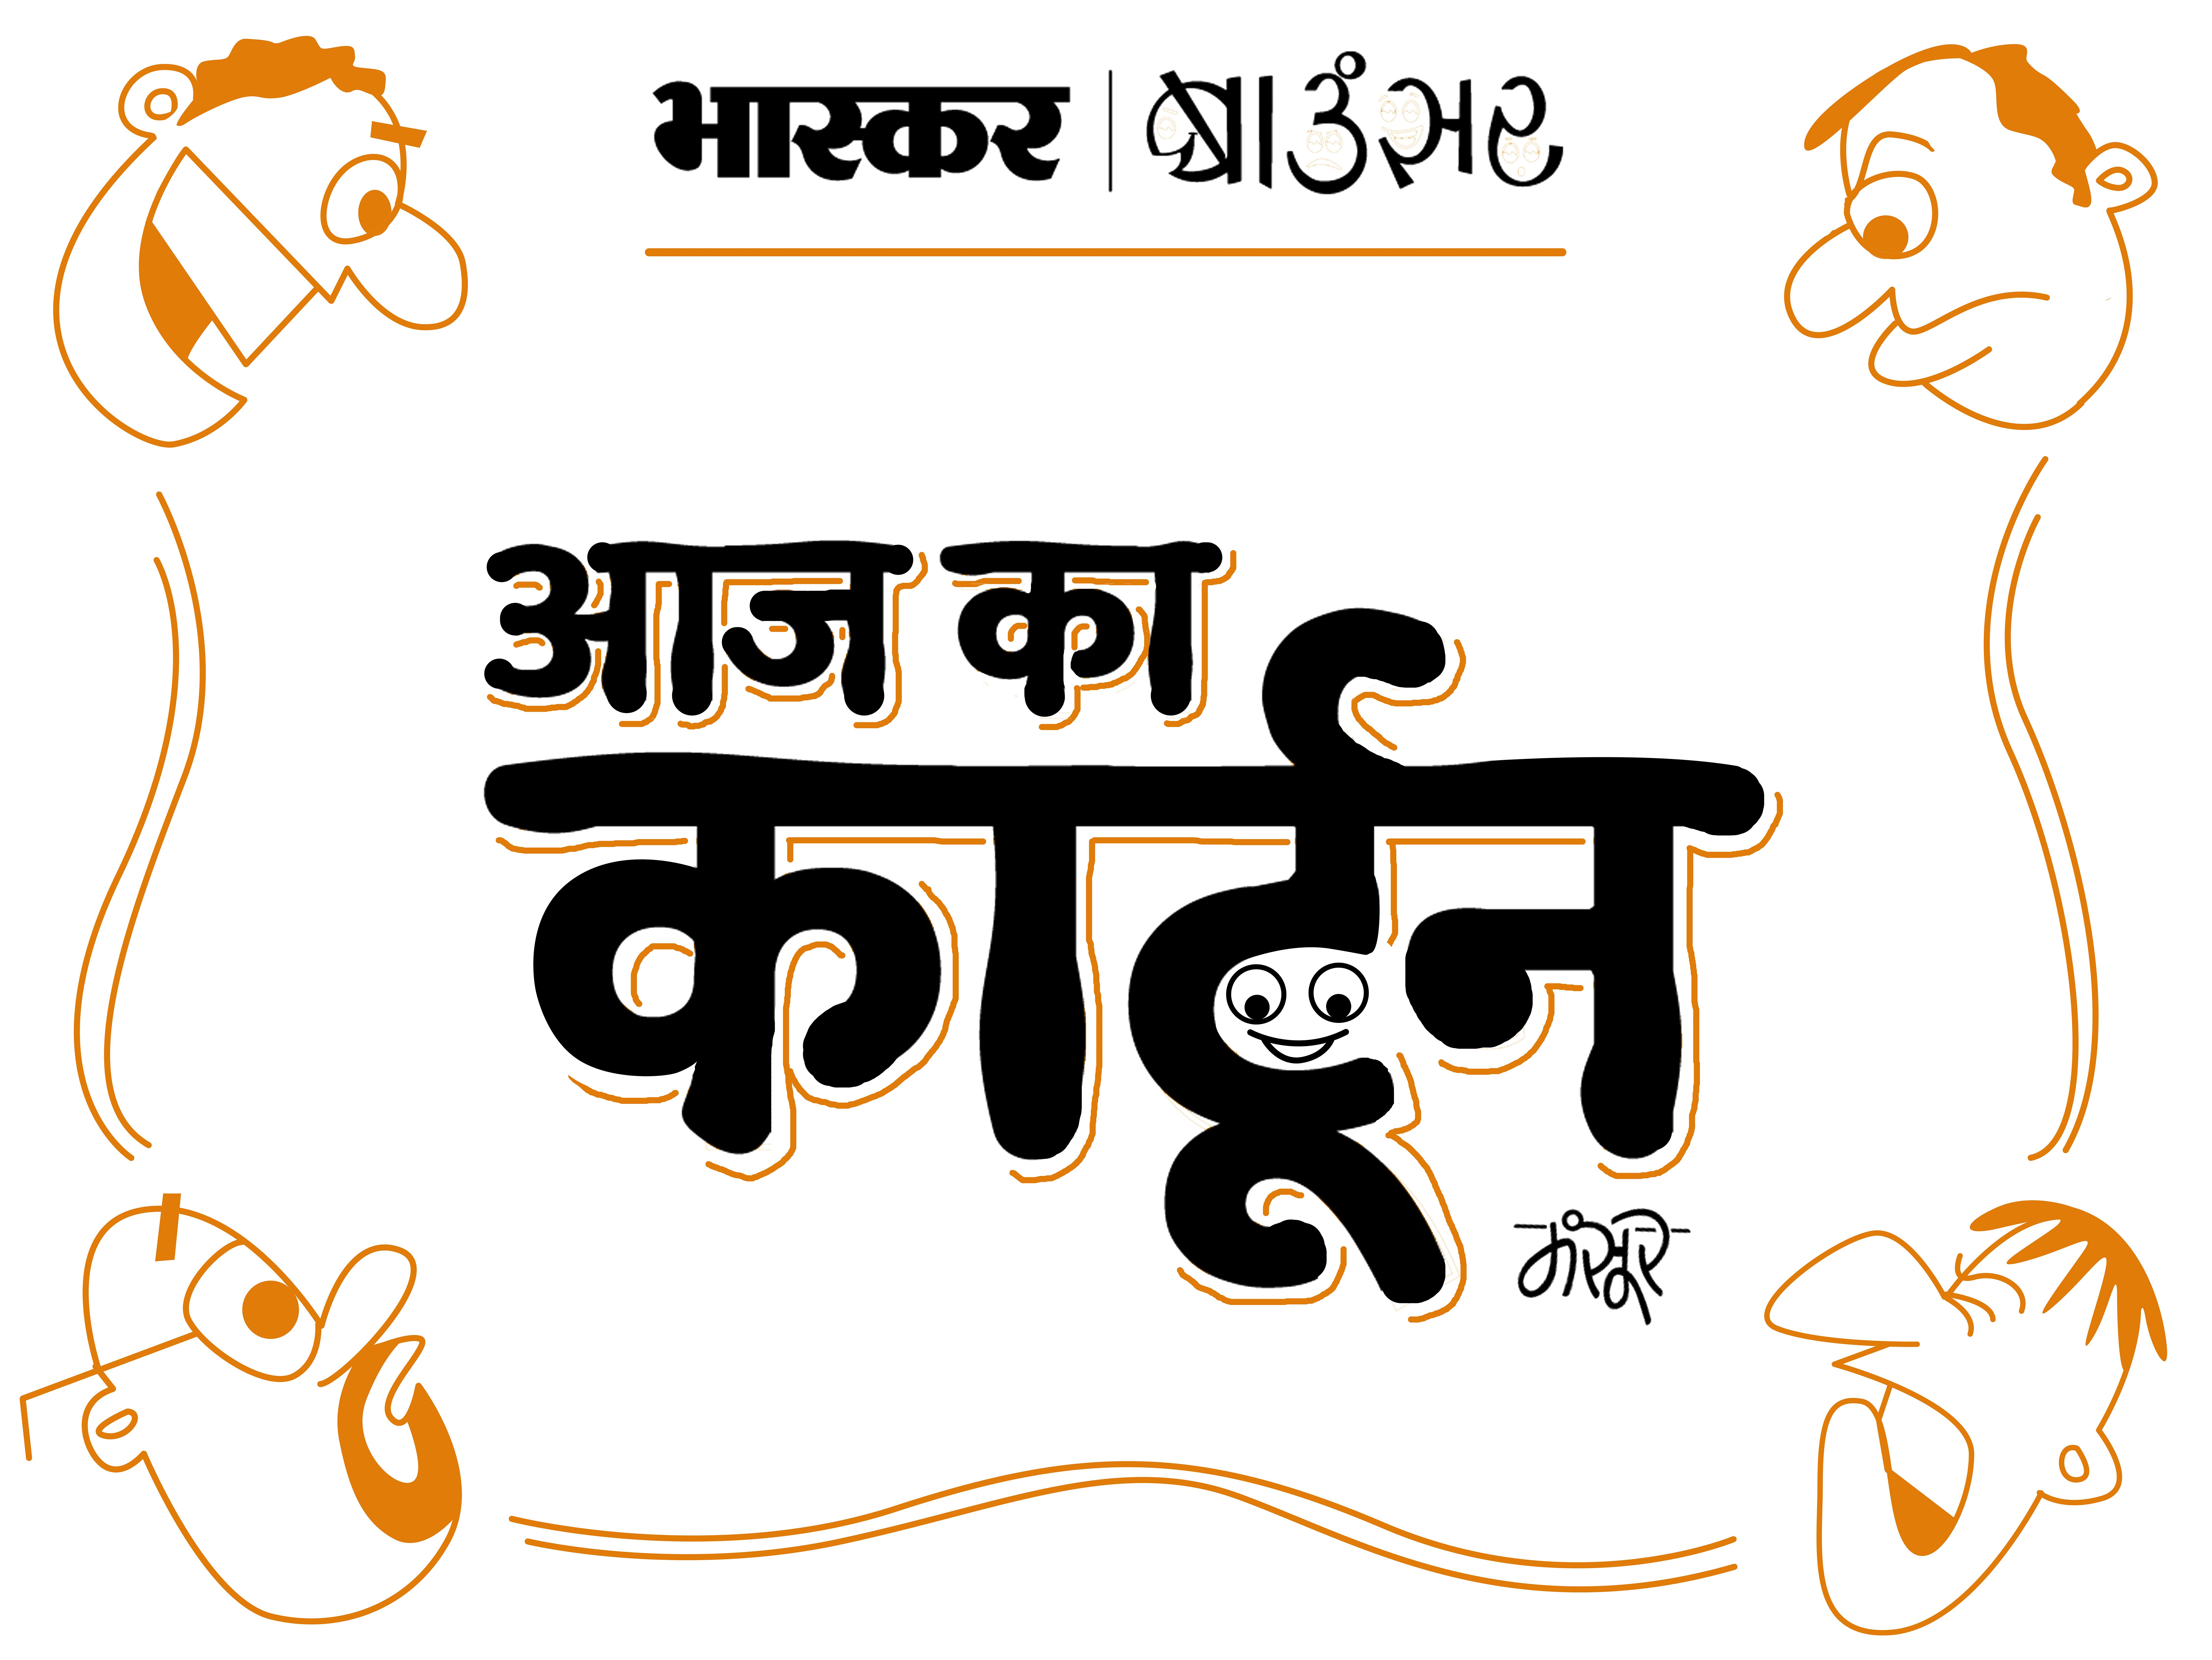 कोयले की कमी हुई तो बिजली नहीं आएगी, लेकिन कागज की कमी नहीं है, बिल आता रहेगा देश,National - Dainik Bhaskar